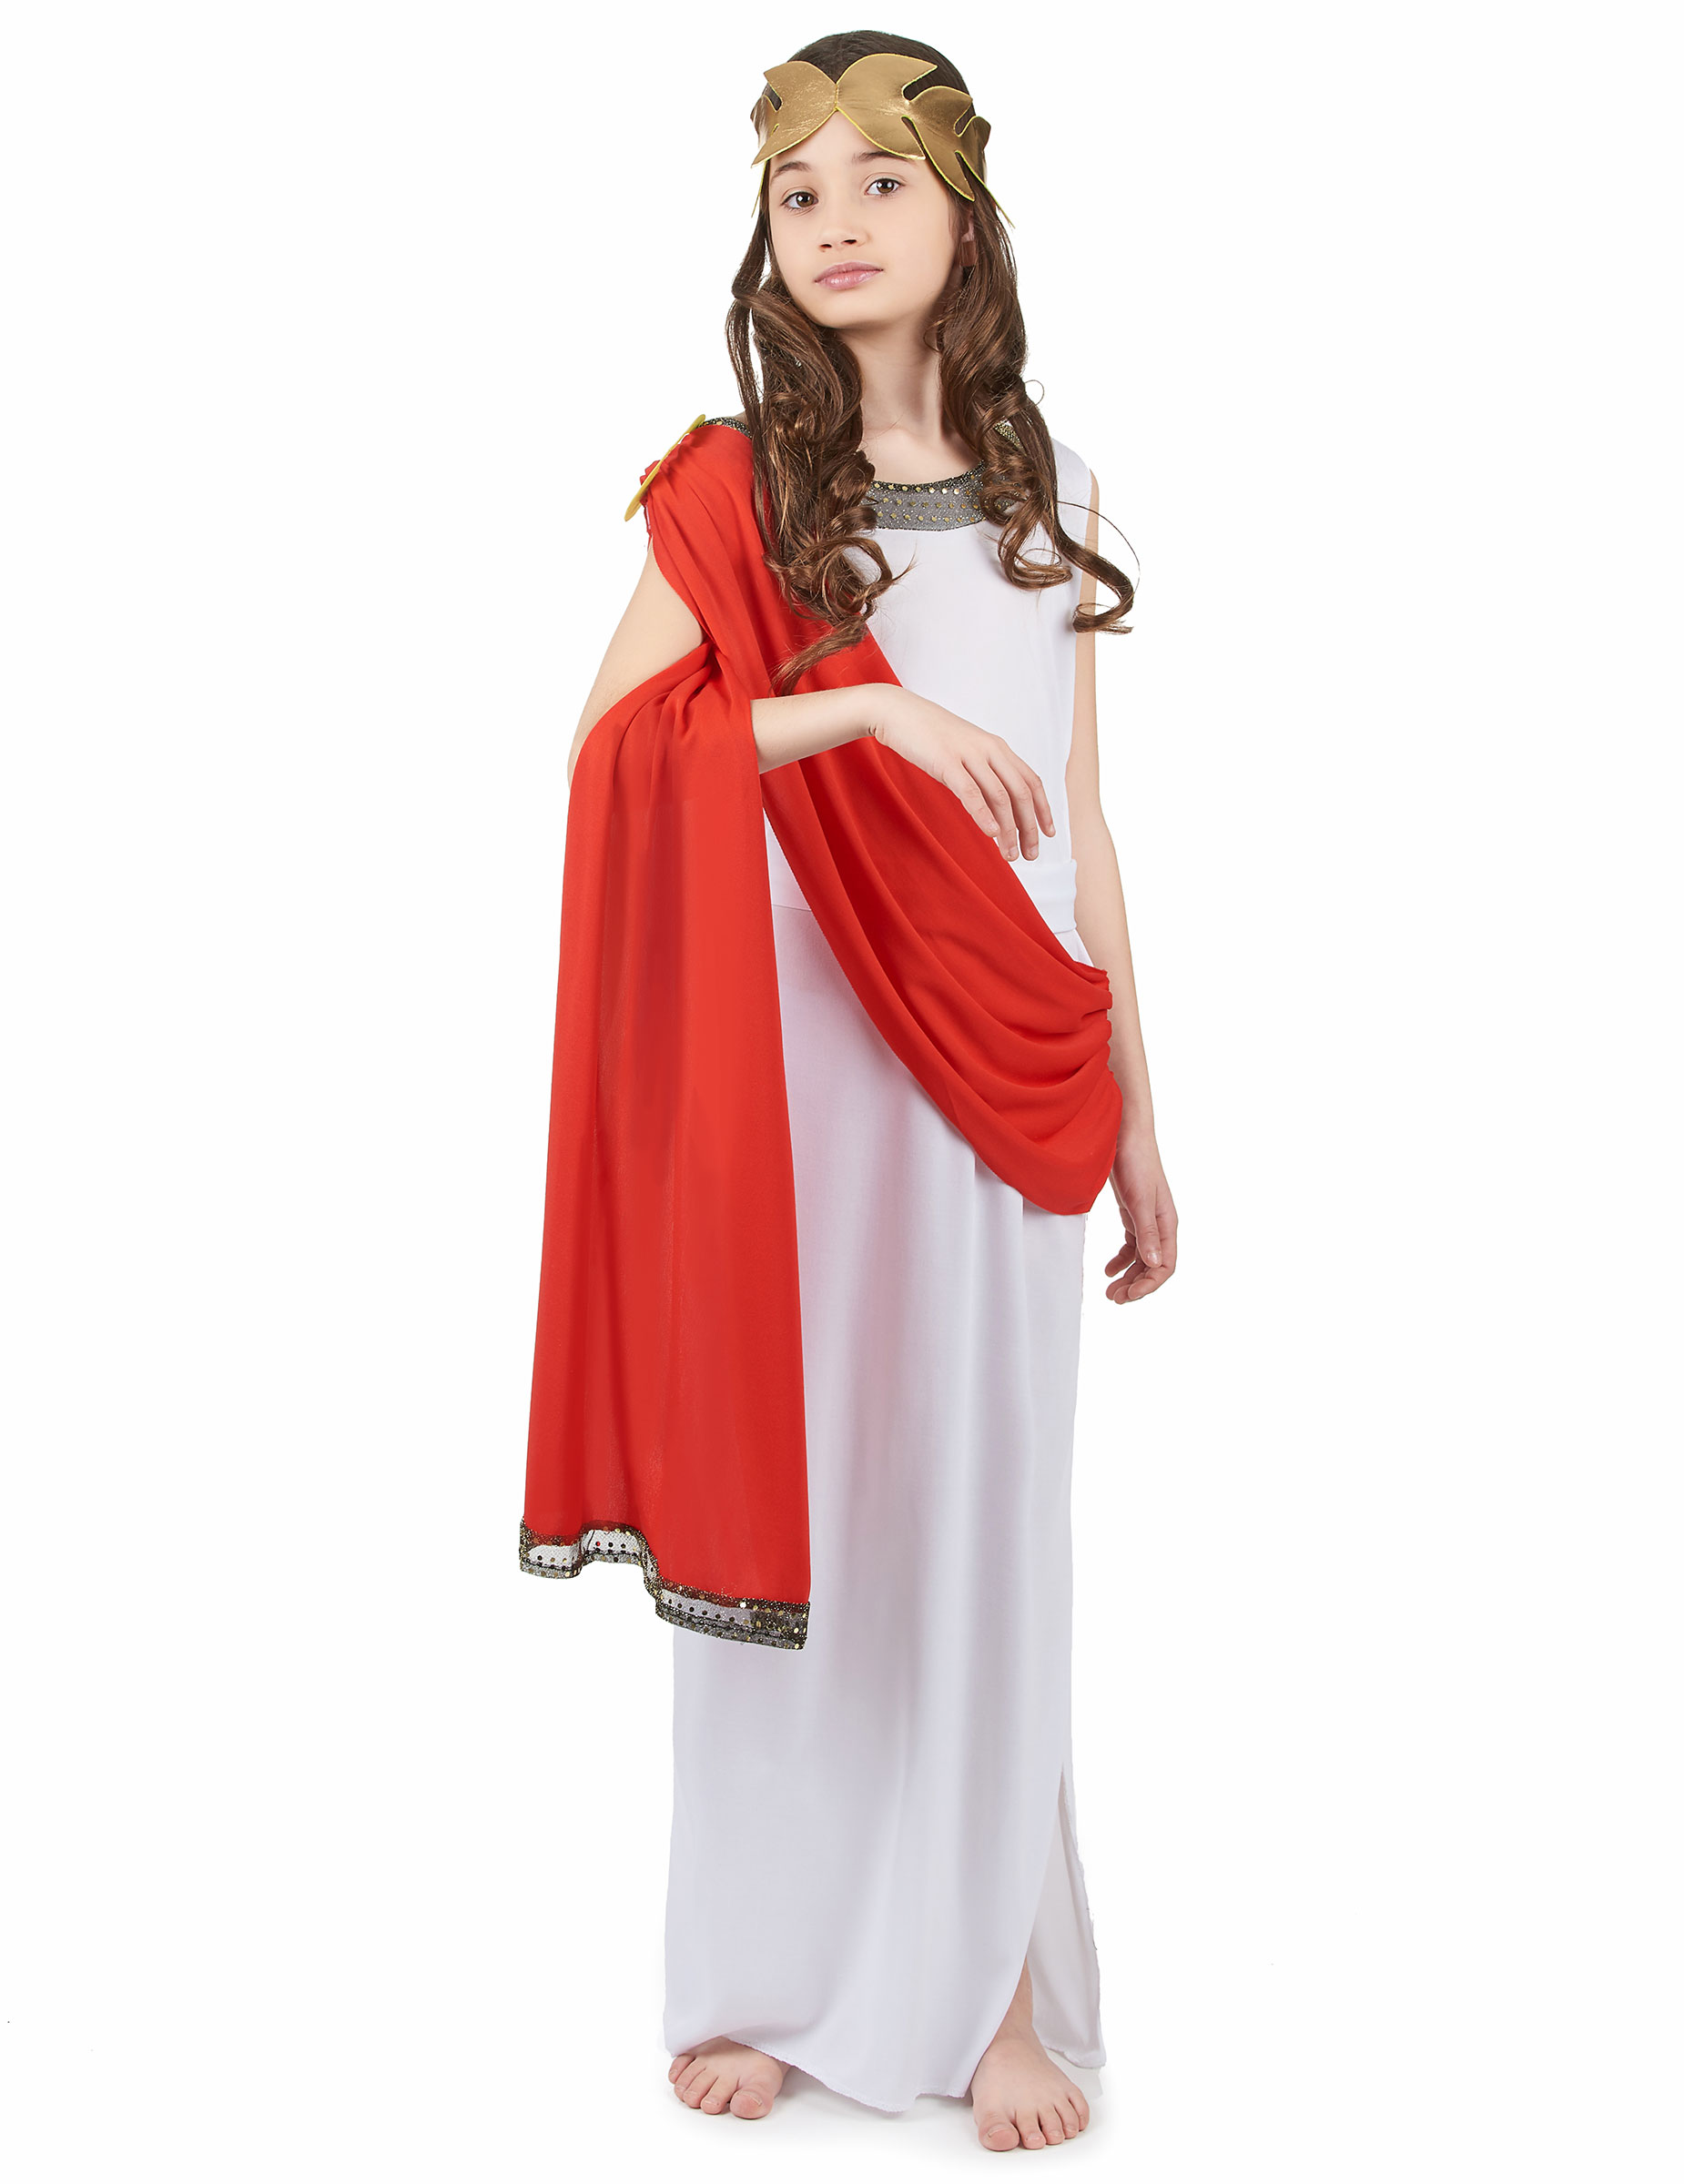 Costumi da antichi romani e antichi greci per toga party - vegaoo.it ab649eb5daf